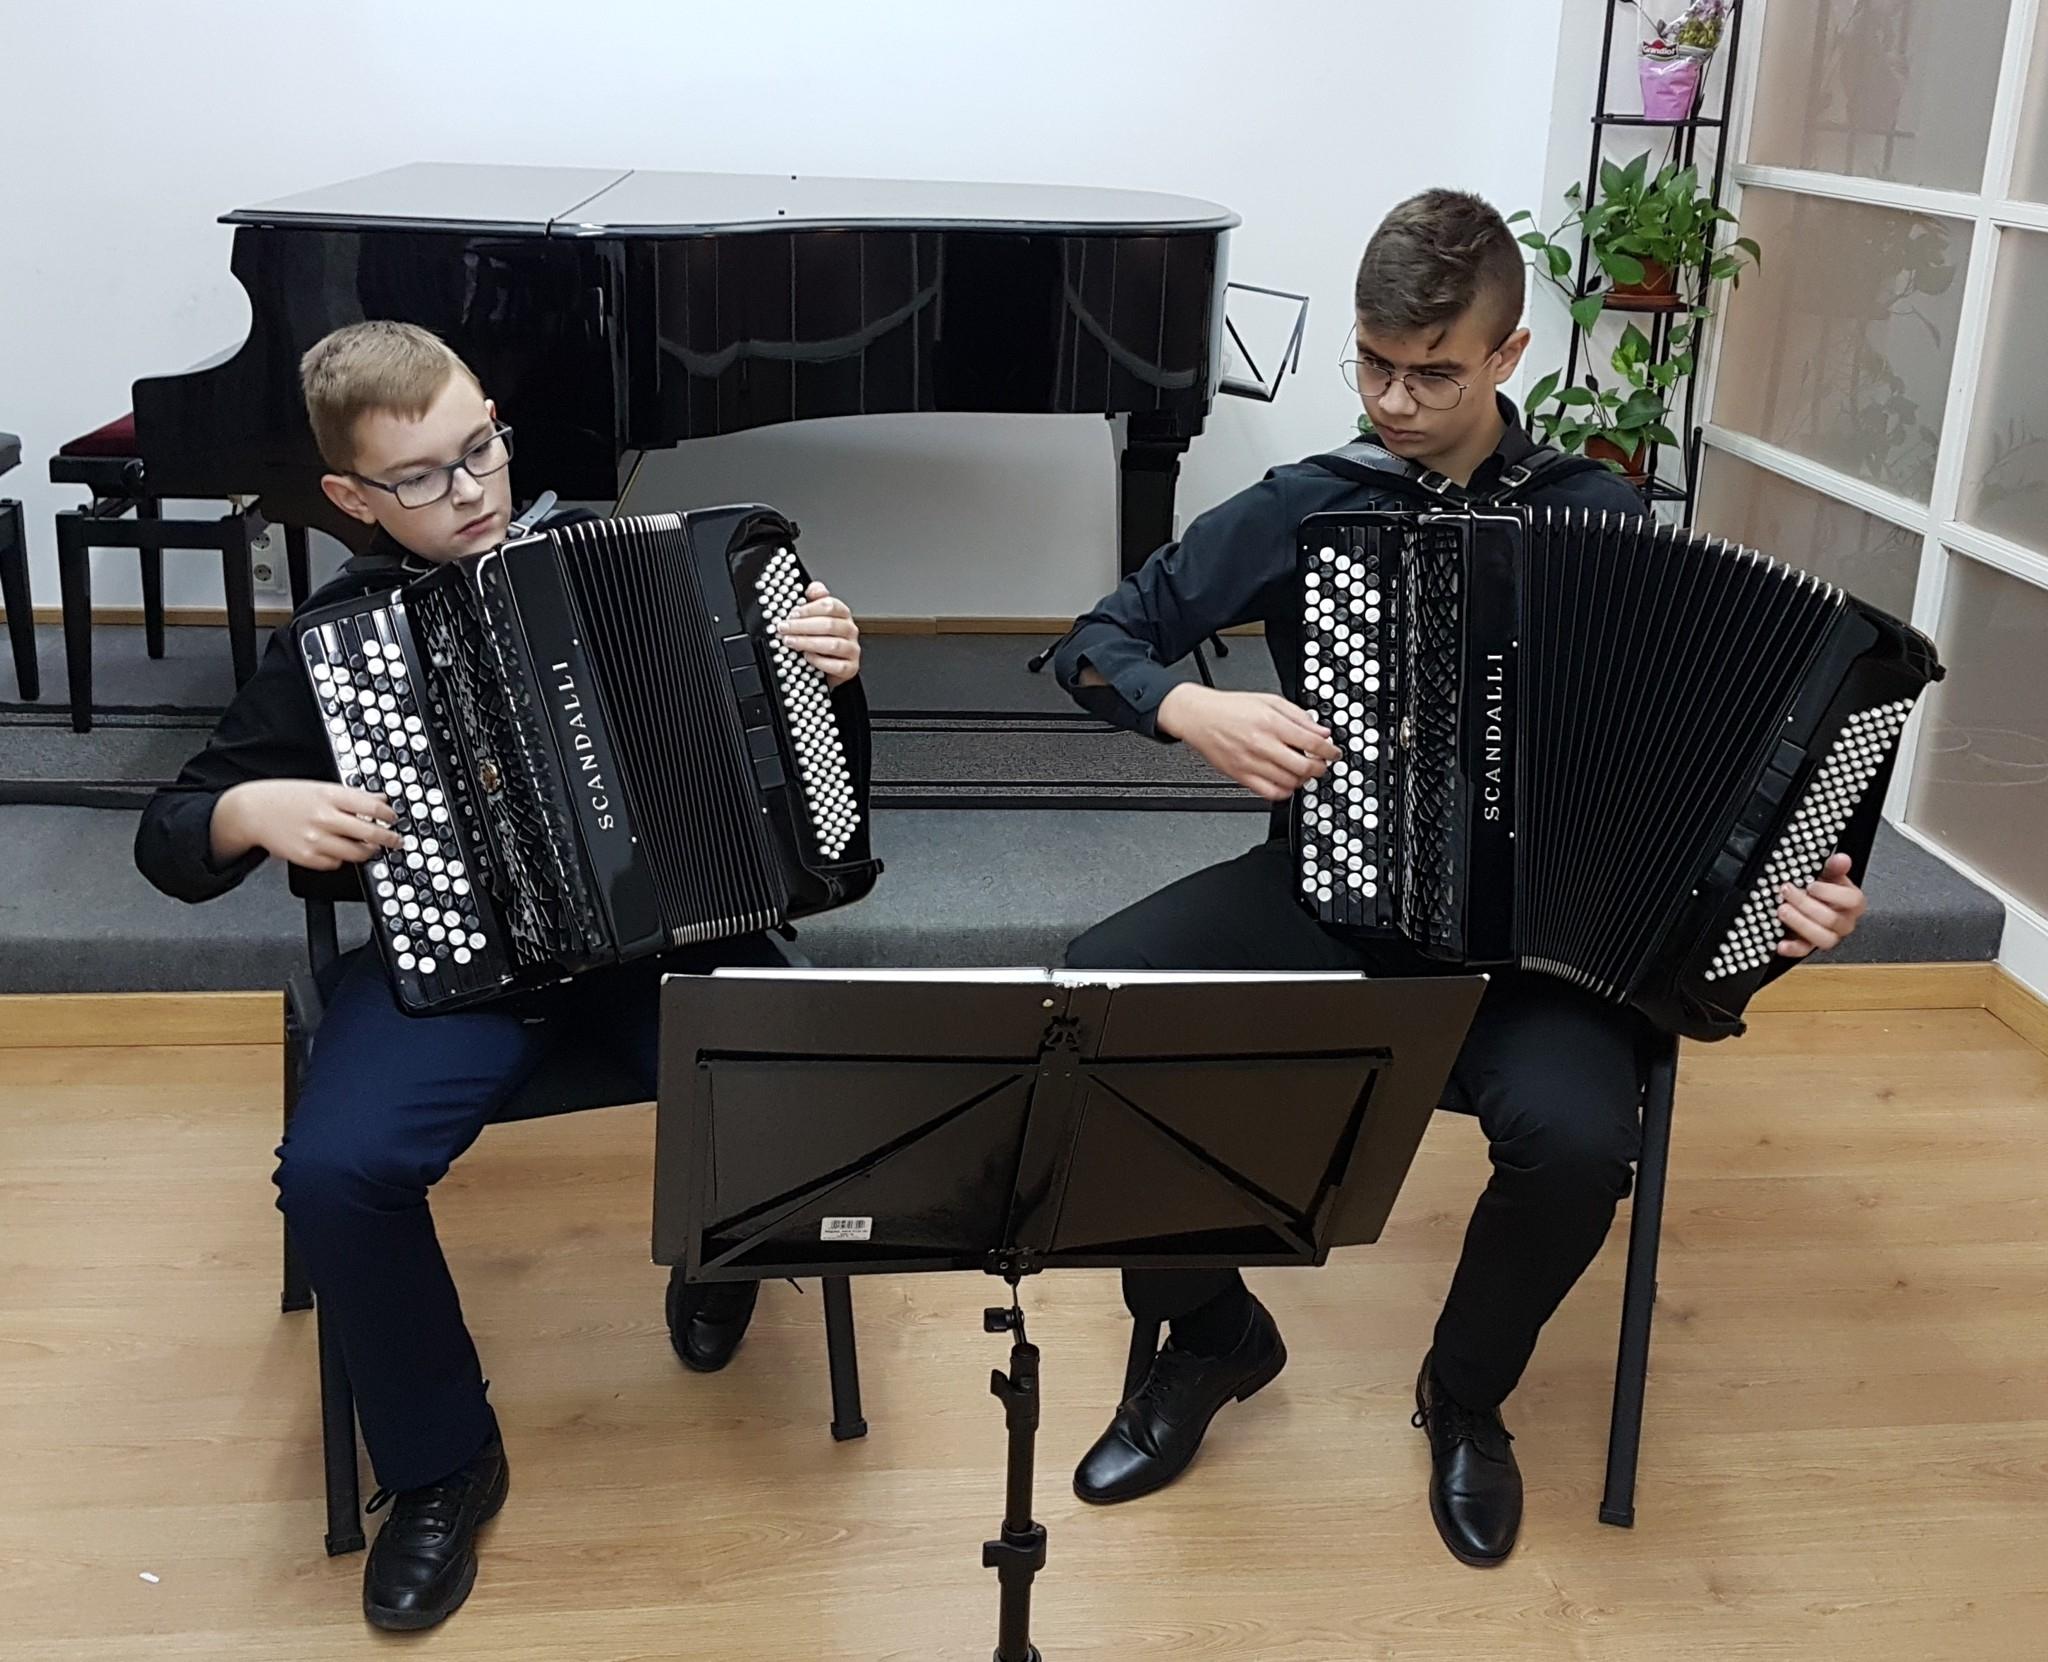 Piękne sukcesy akordeonistów mimo pandemii [FOTO] - Zdjęcie główne